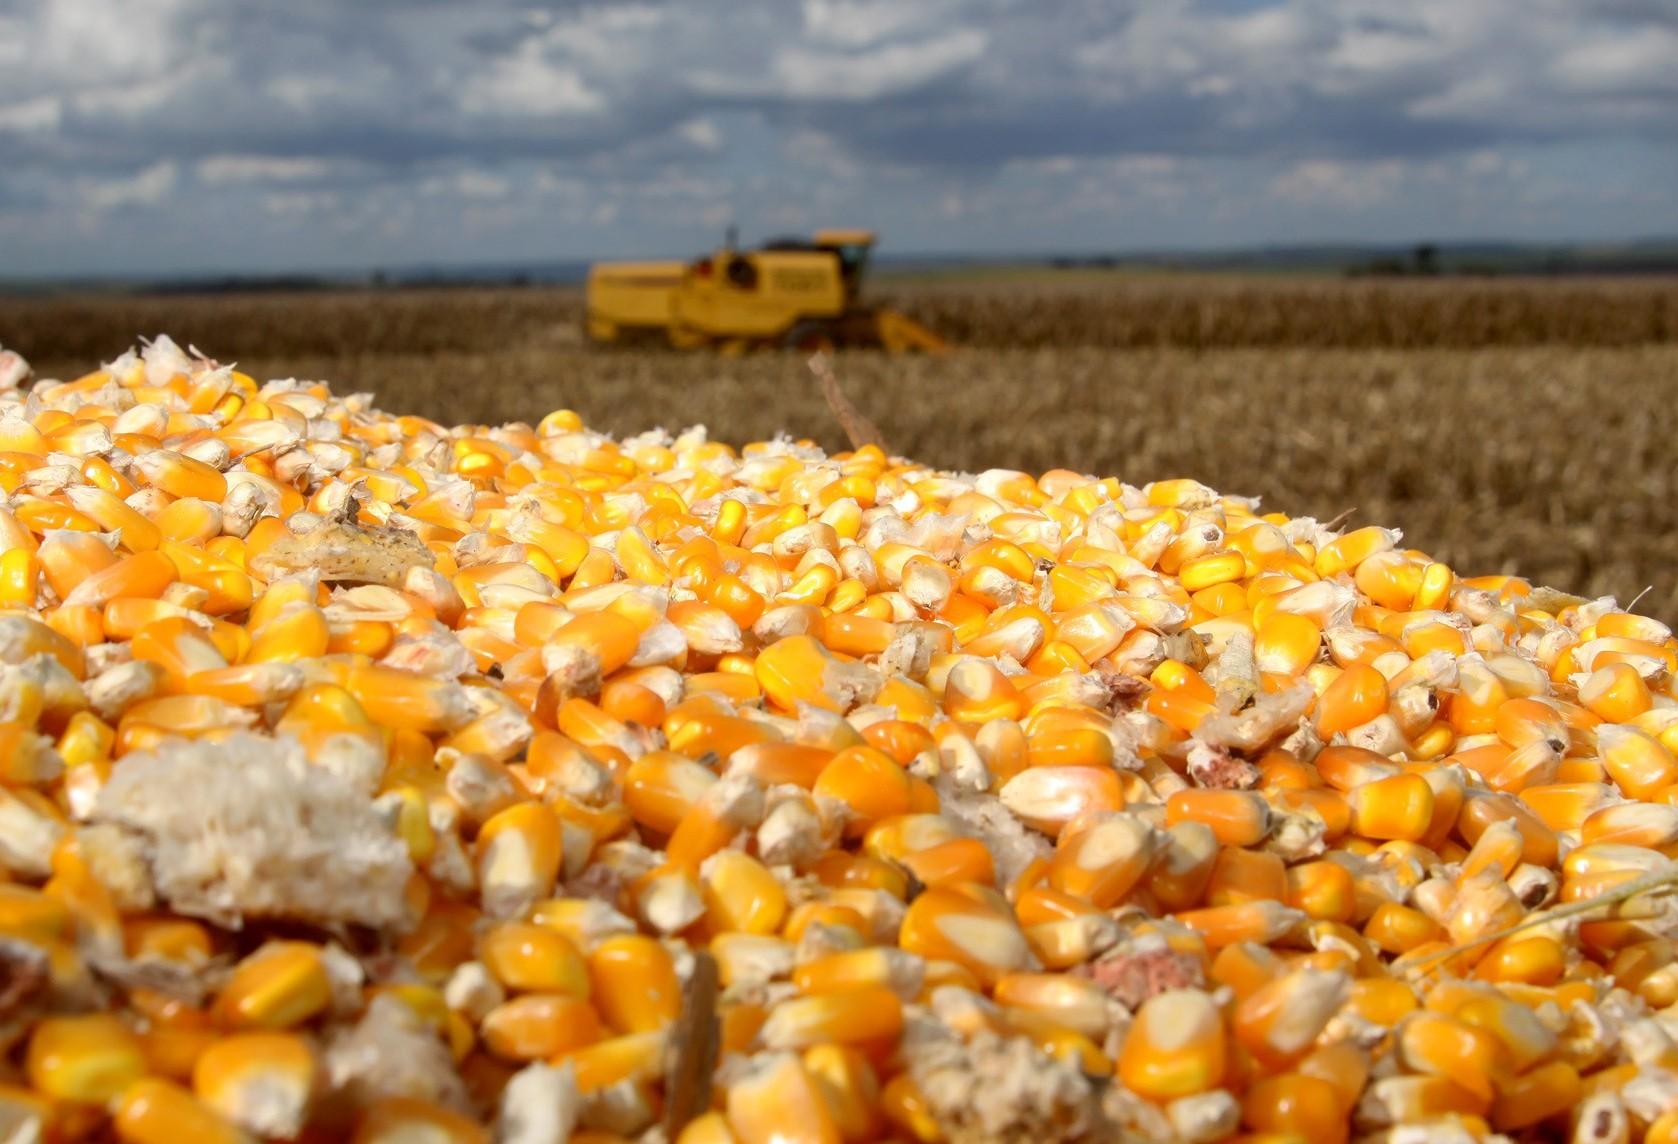 Pouca alteração no mercado agrícola